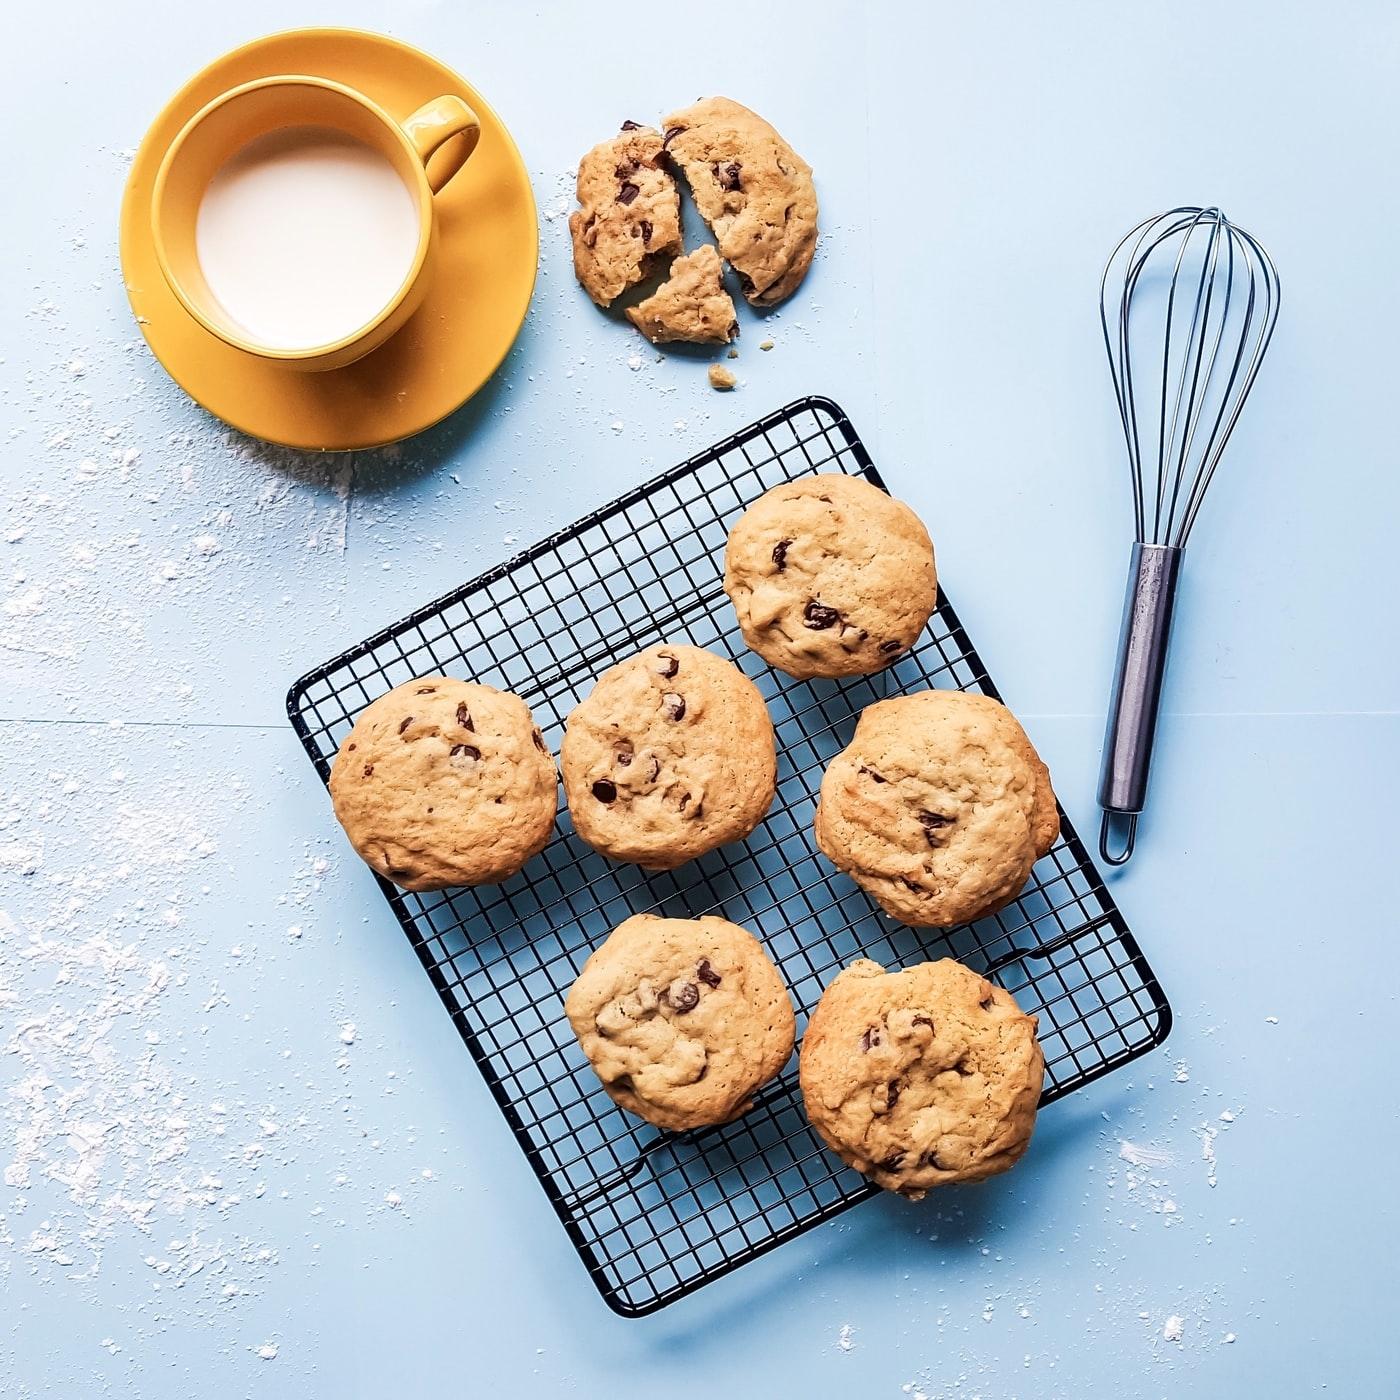 Przepis na aromatyczne ciasteczka owsiane z miodem i śliwkami